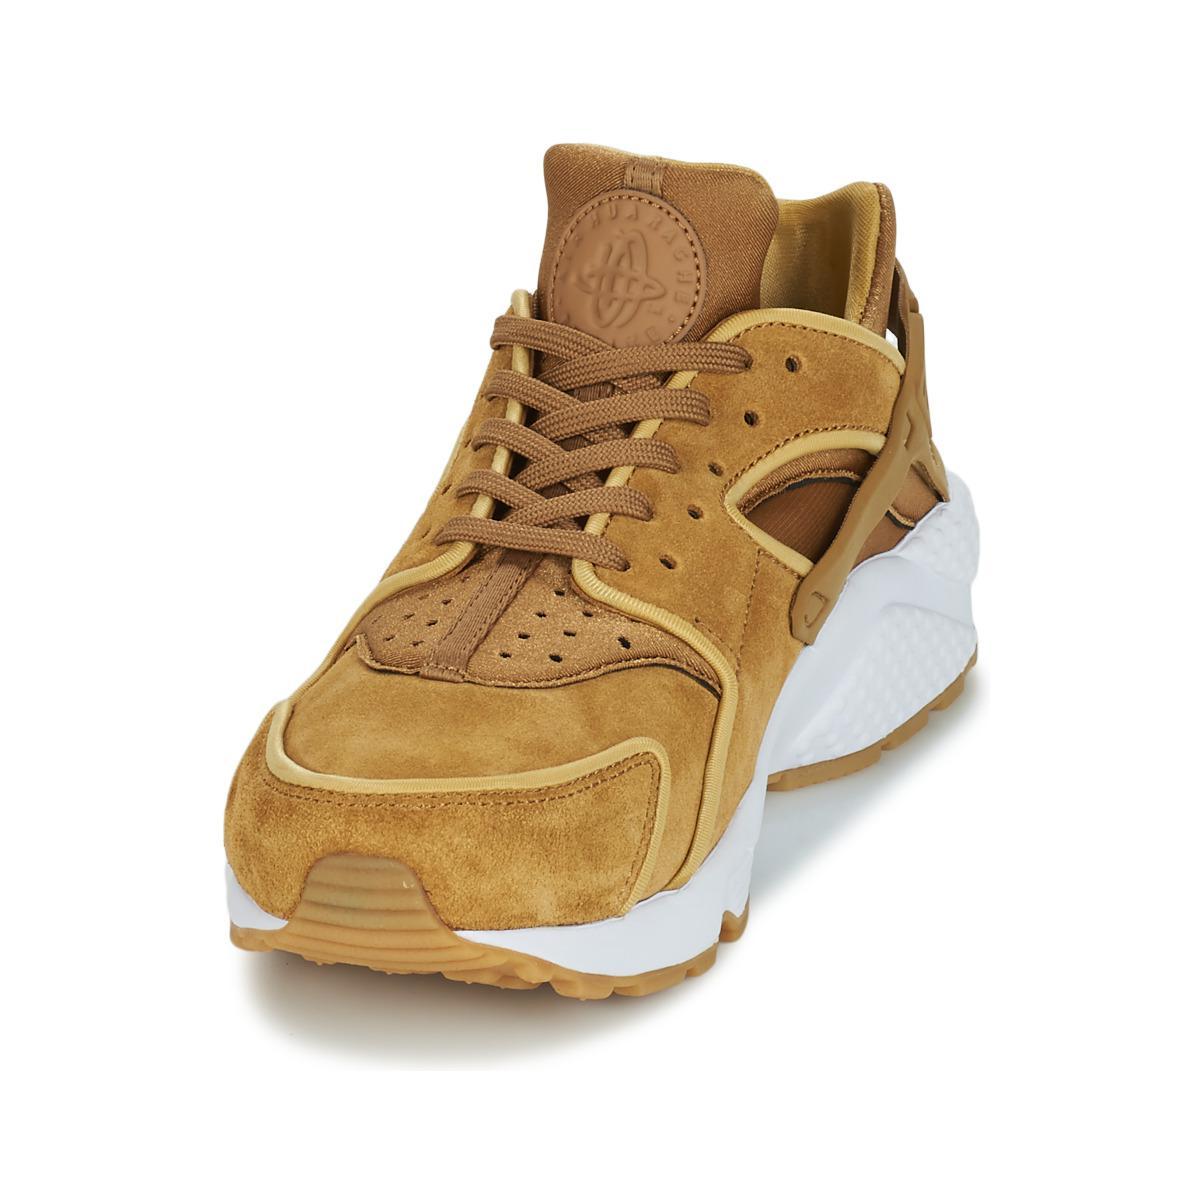 info for 136b0 de080 Nike Air Huarache Run Premium W Shoes (trainers) in Brown - Lyst